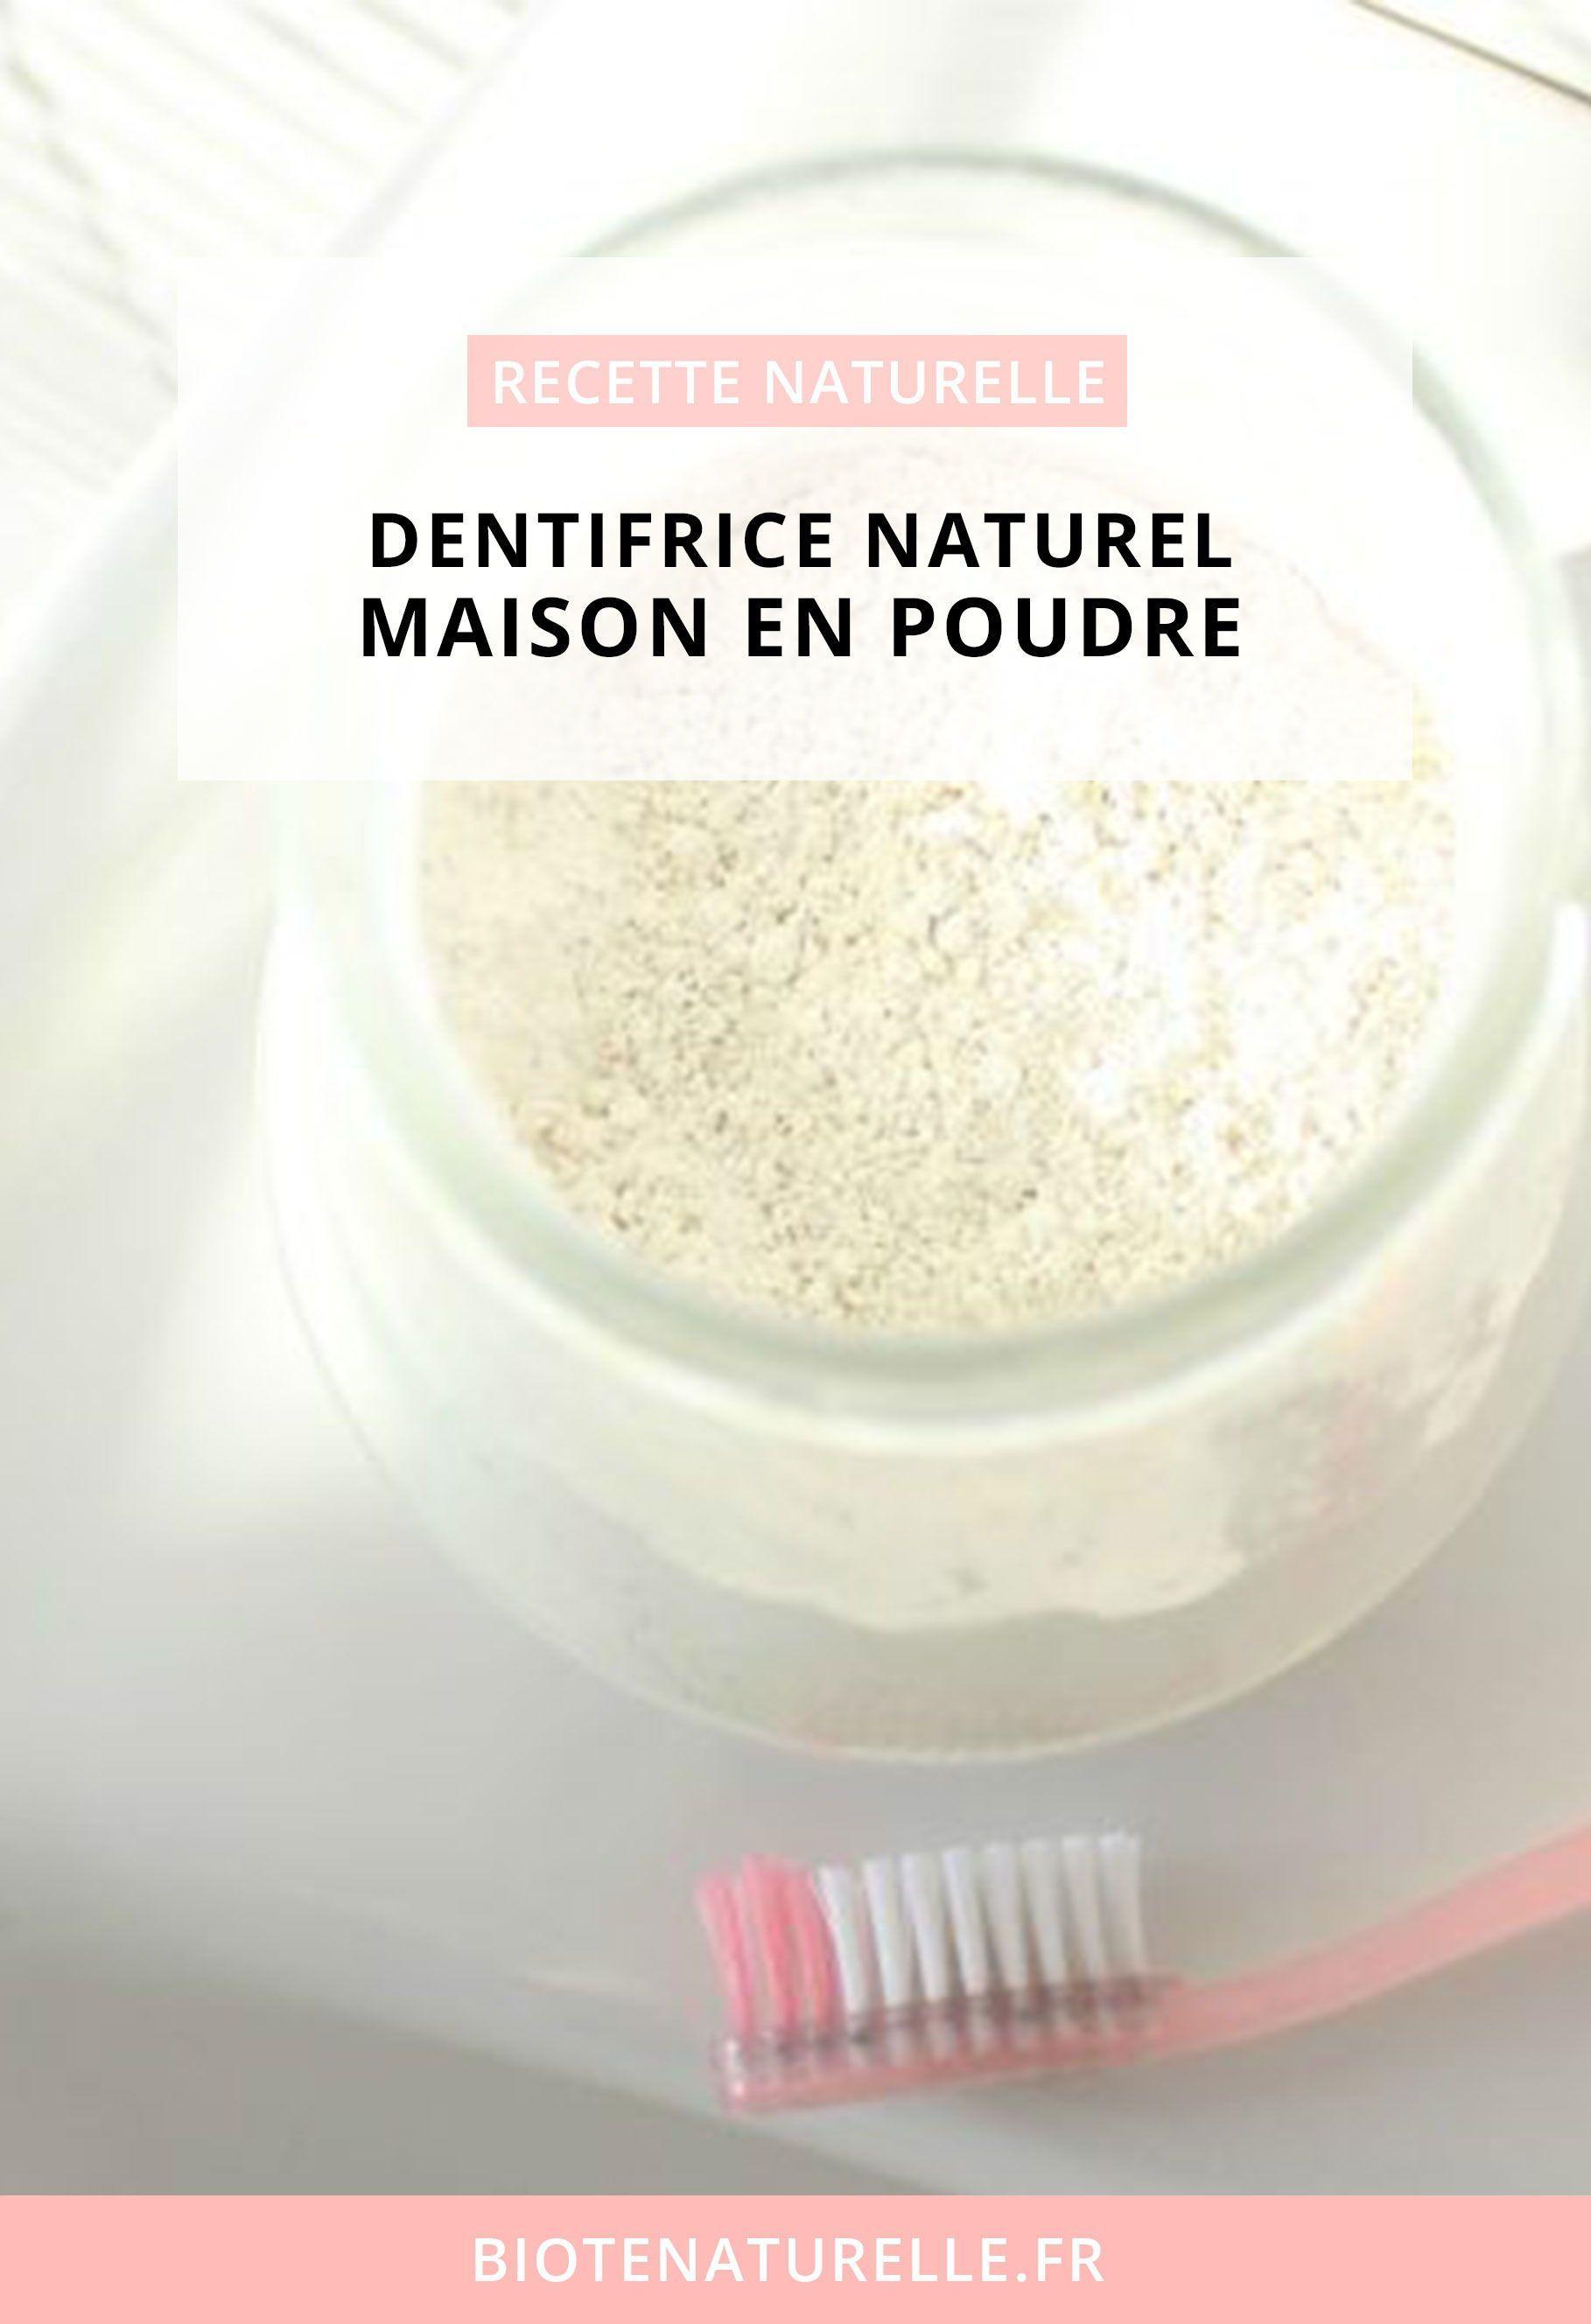 Dentifrice En Poudre Fait Maison Biote Naturelle Dentifrice Dentifrice Naturel La Beaute Naturelle